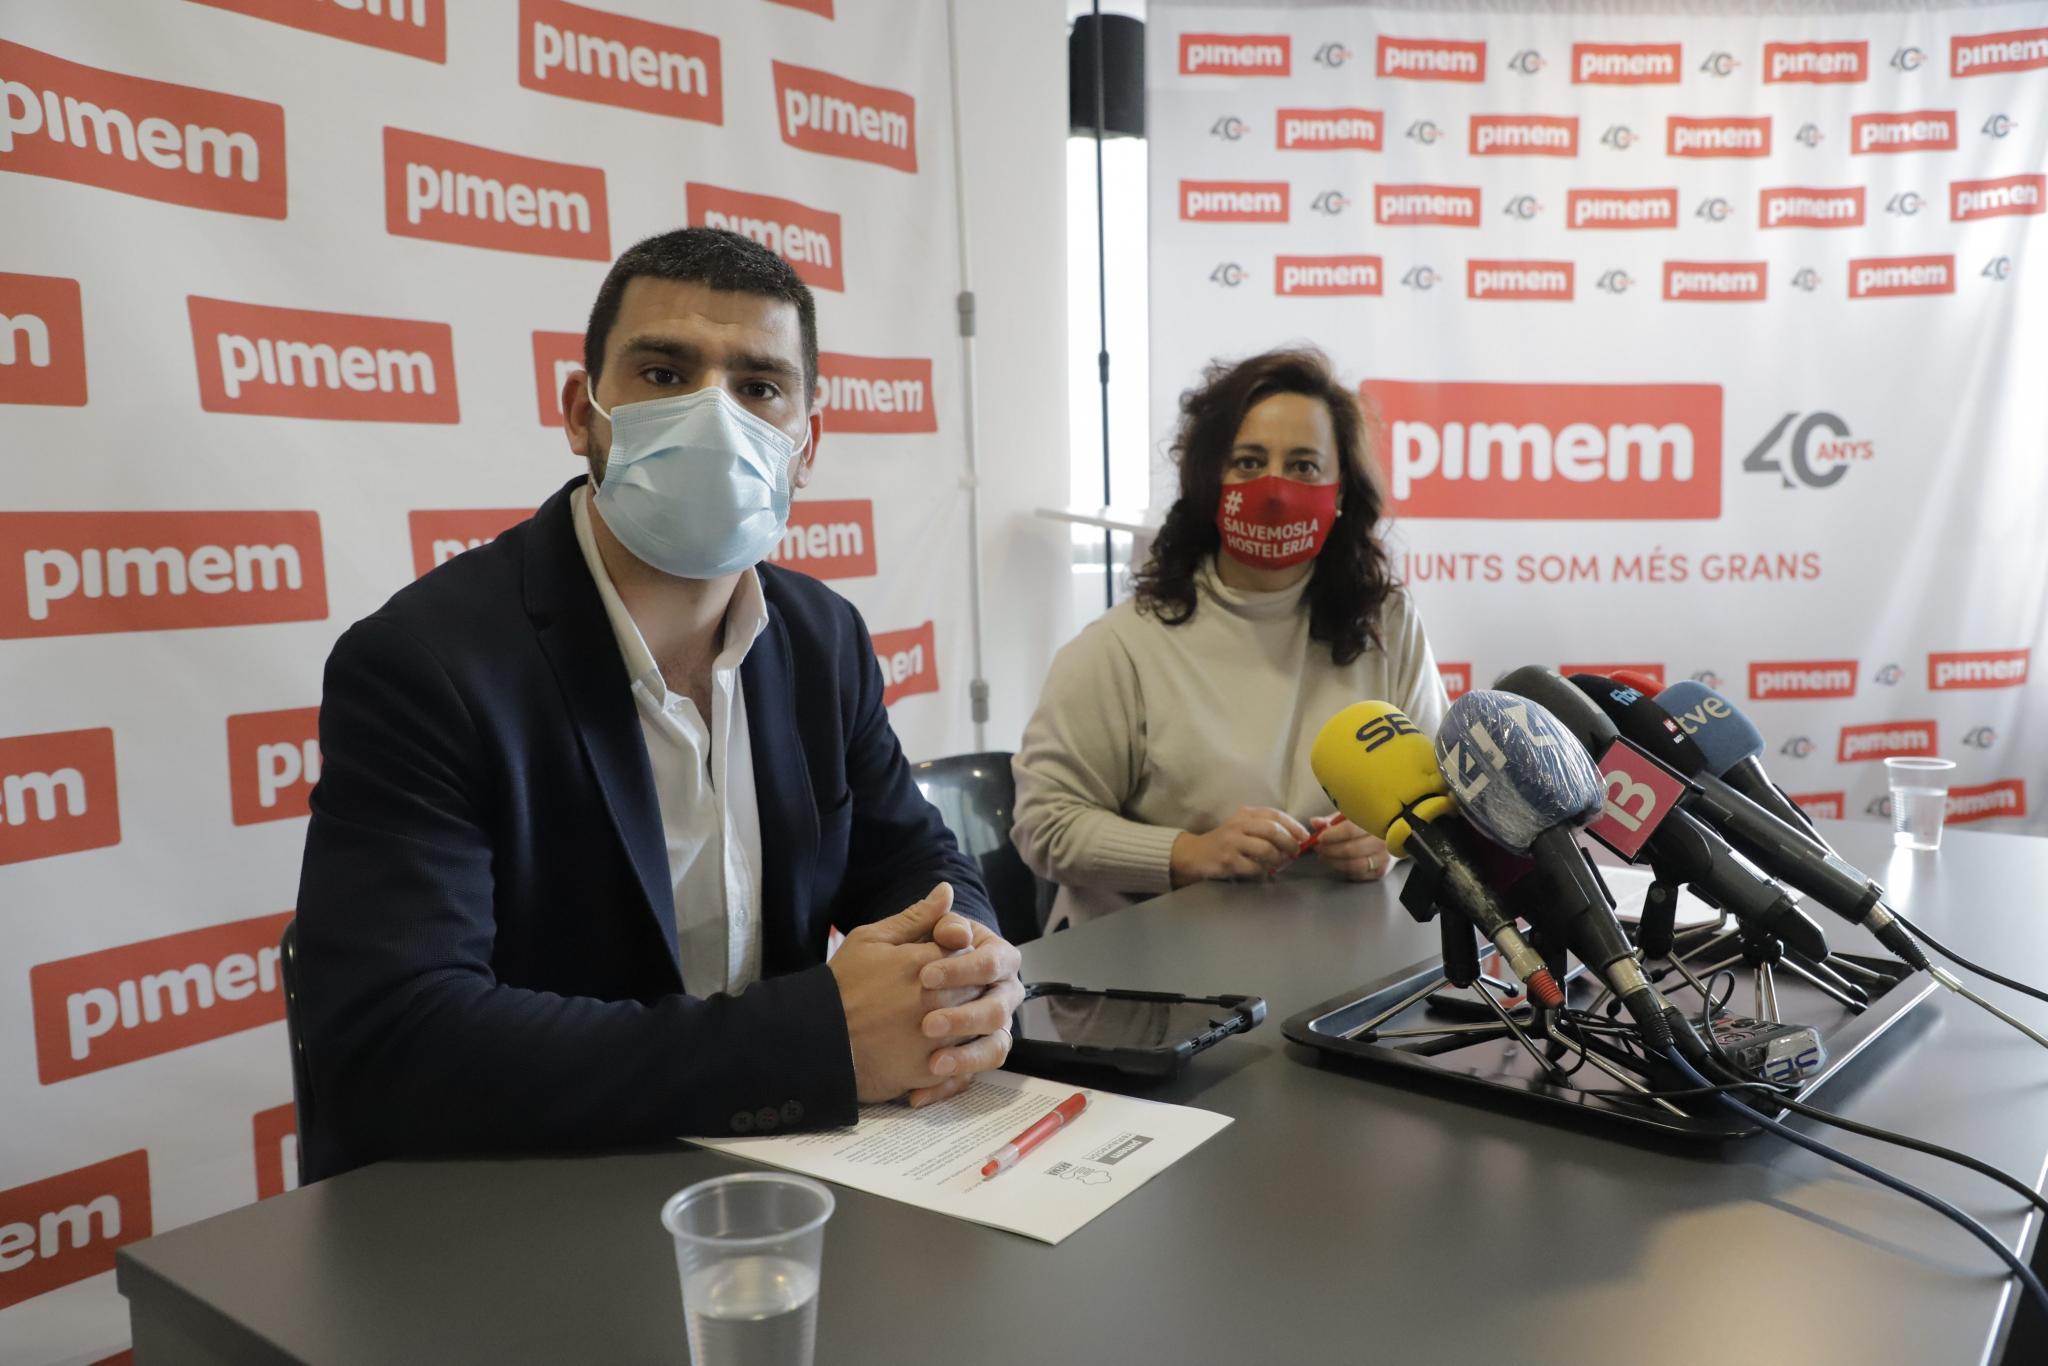 Jaume Colombás, Sprecher des Verbandes Arema, und Eugènia Cusí, Präsidentin von Pimem-Restauración.